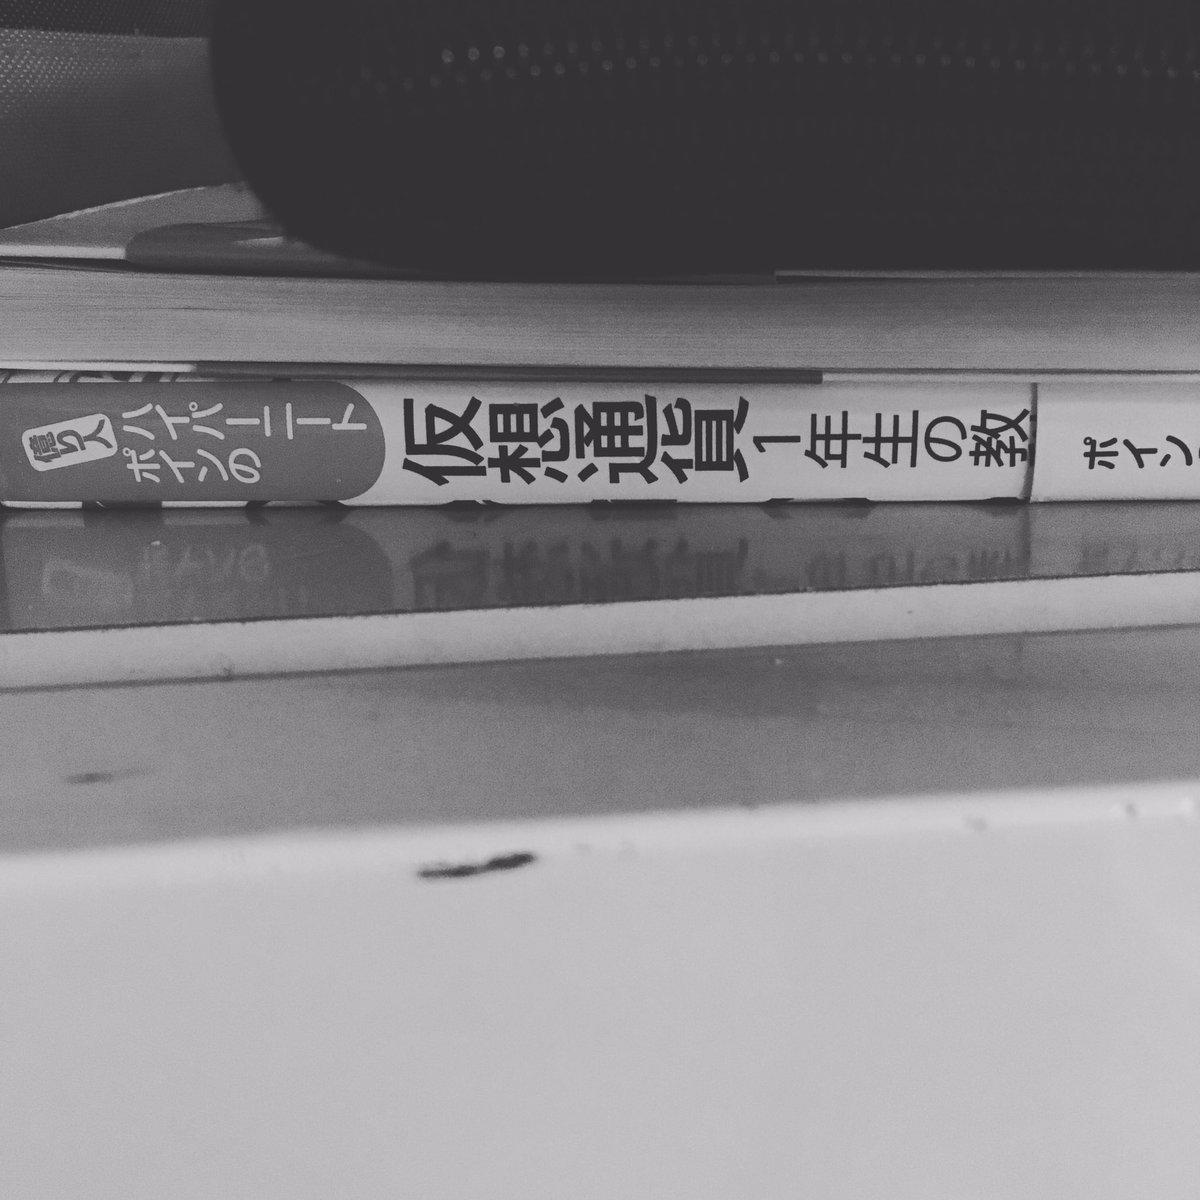 仮想通貨を面白いと思わせた本。(*´ω`*)